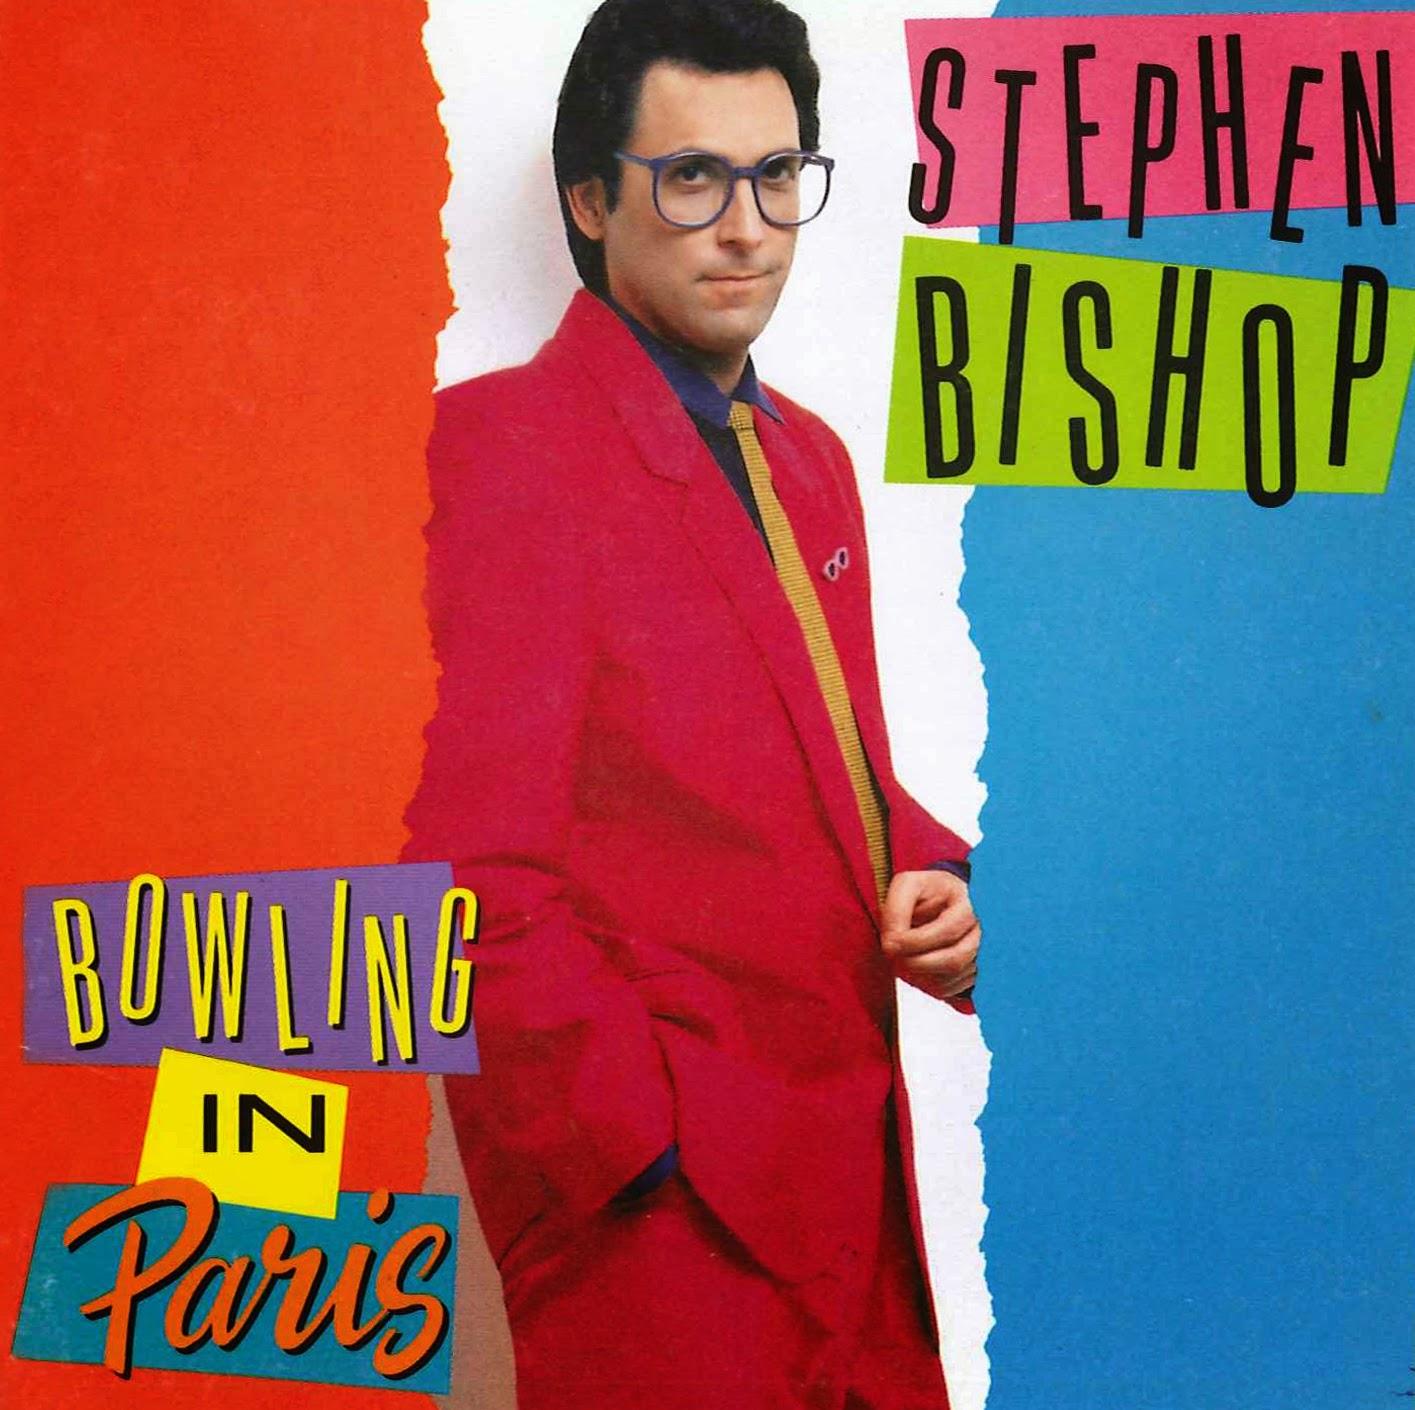 Stephen Bishop Bowling in Paris 1989